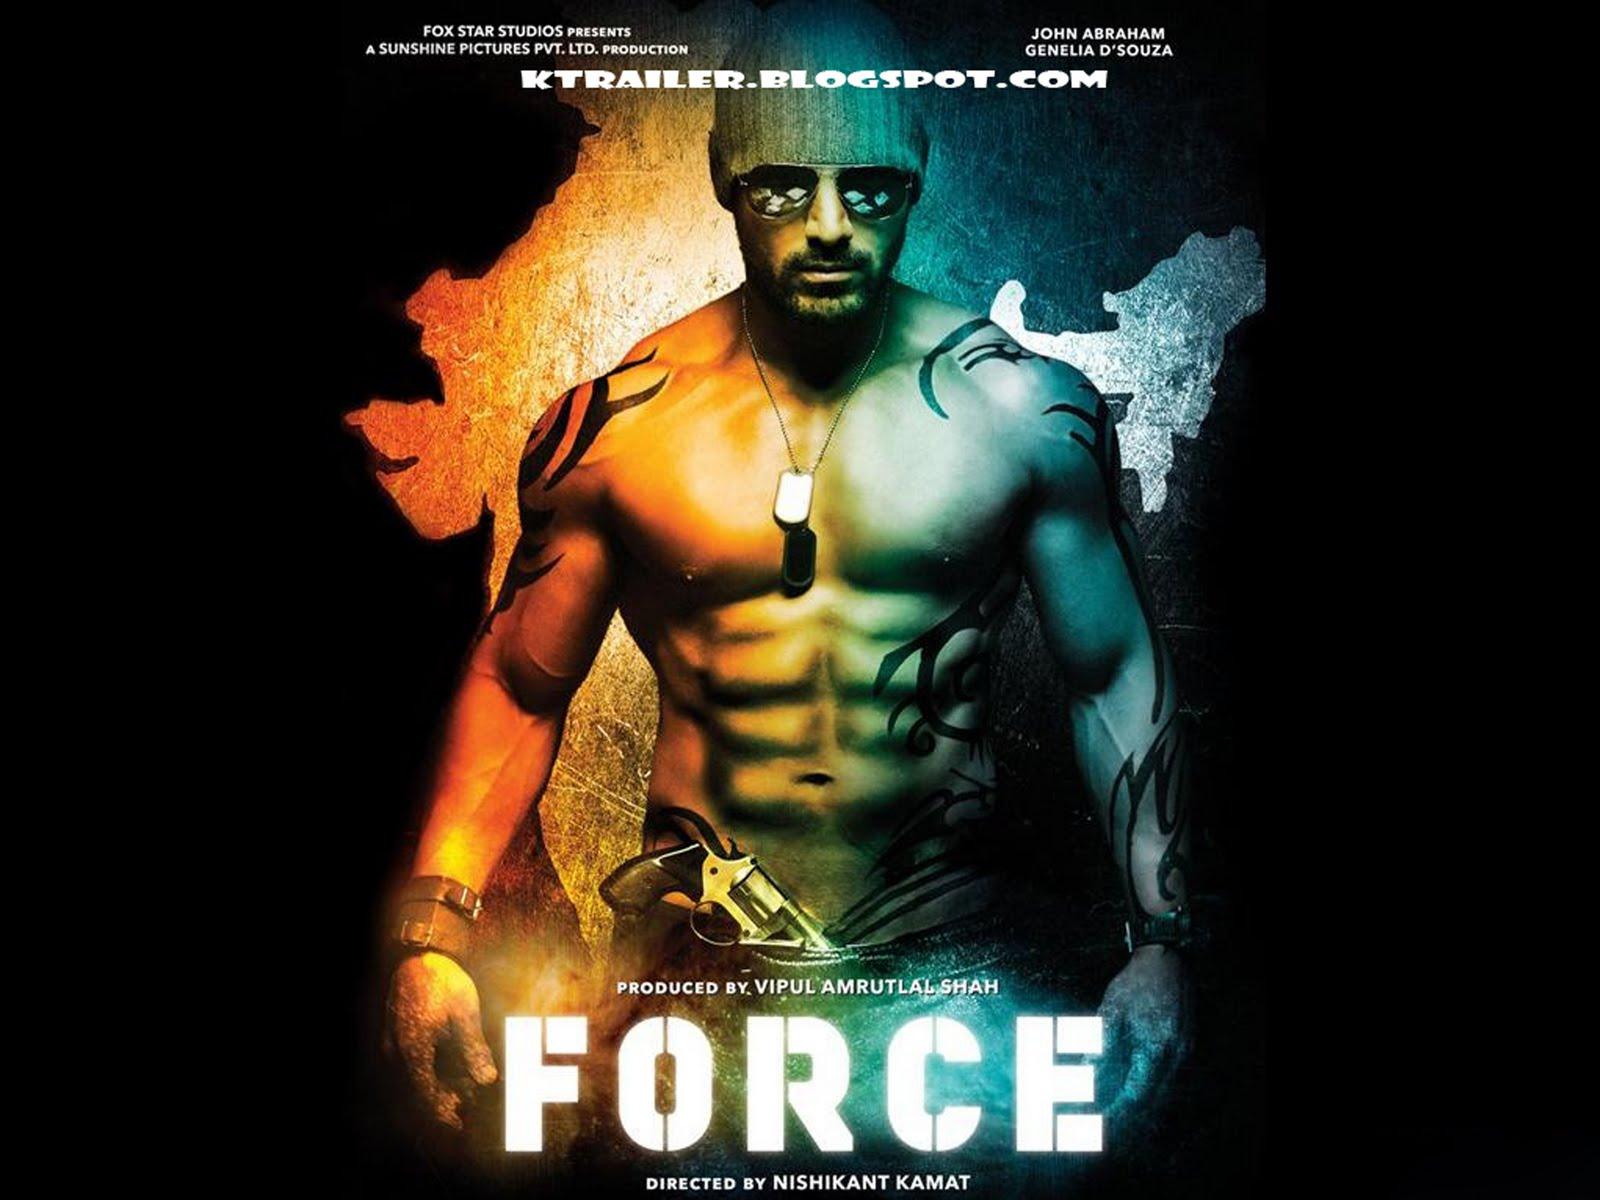 http://2.bp.blogspot.com/-Vrq3pI0ww1A/TnVsGyff0GI/AAAAAAAACQU/xpyxlWLmi8U/s1600/Force-movie-2011-poster-2.jpg